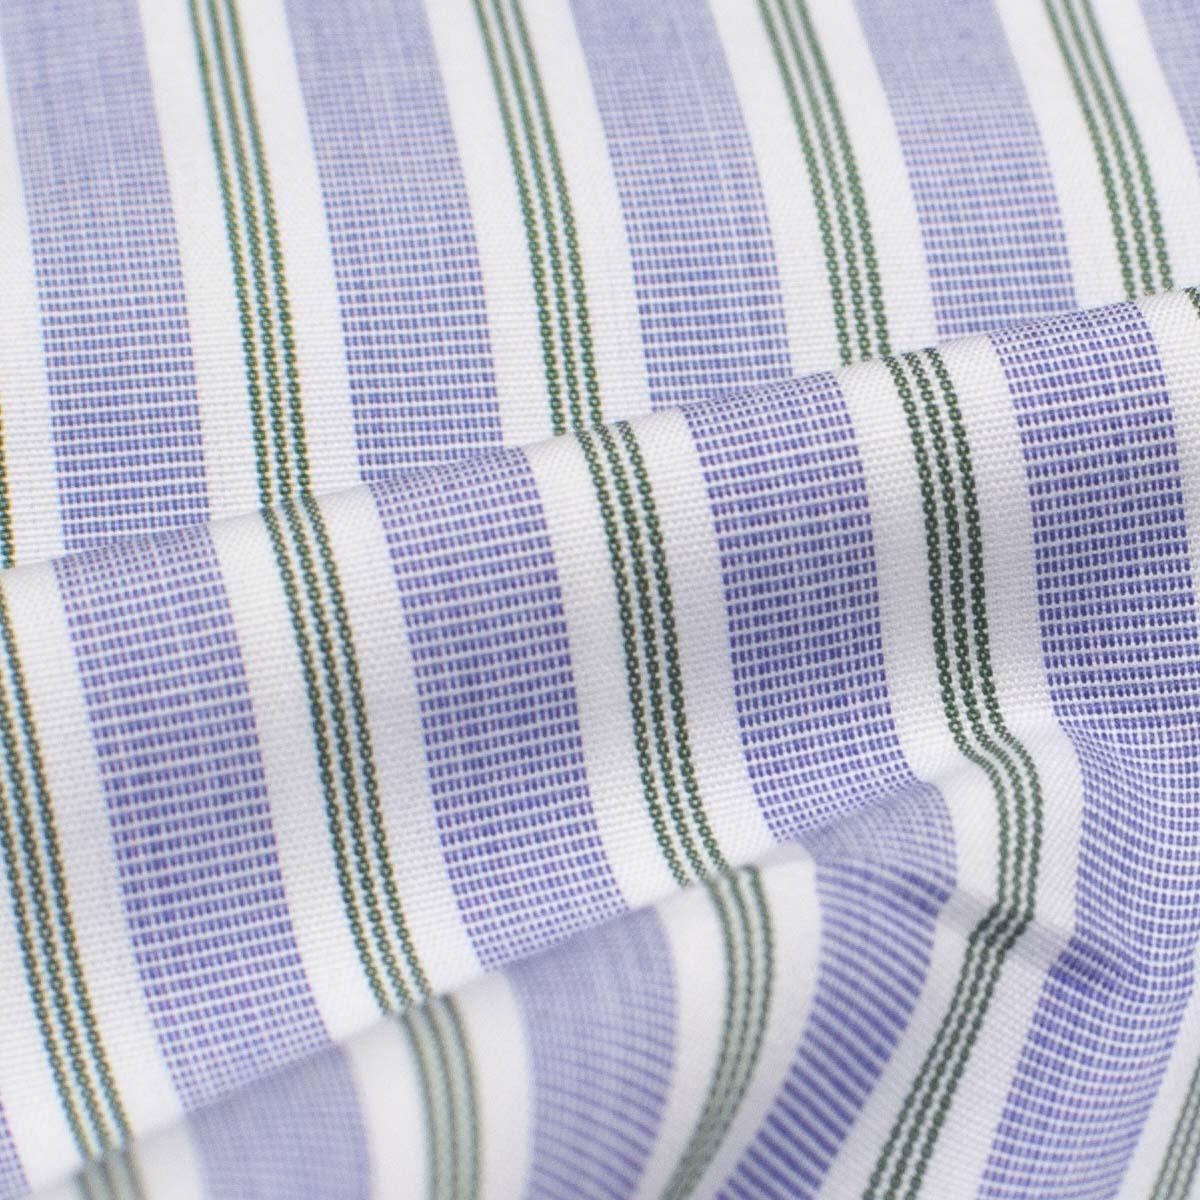 Camicia In Popeline Di Cotone A Righe Verdi E Bianche Barròco Italia